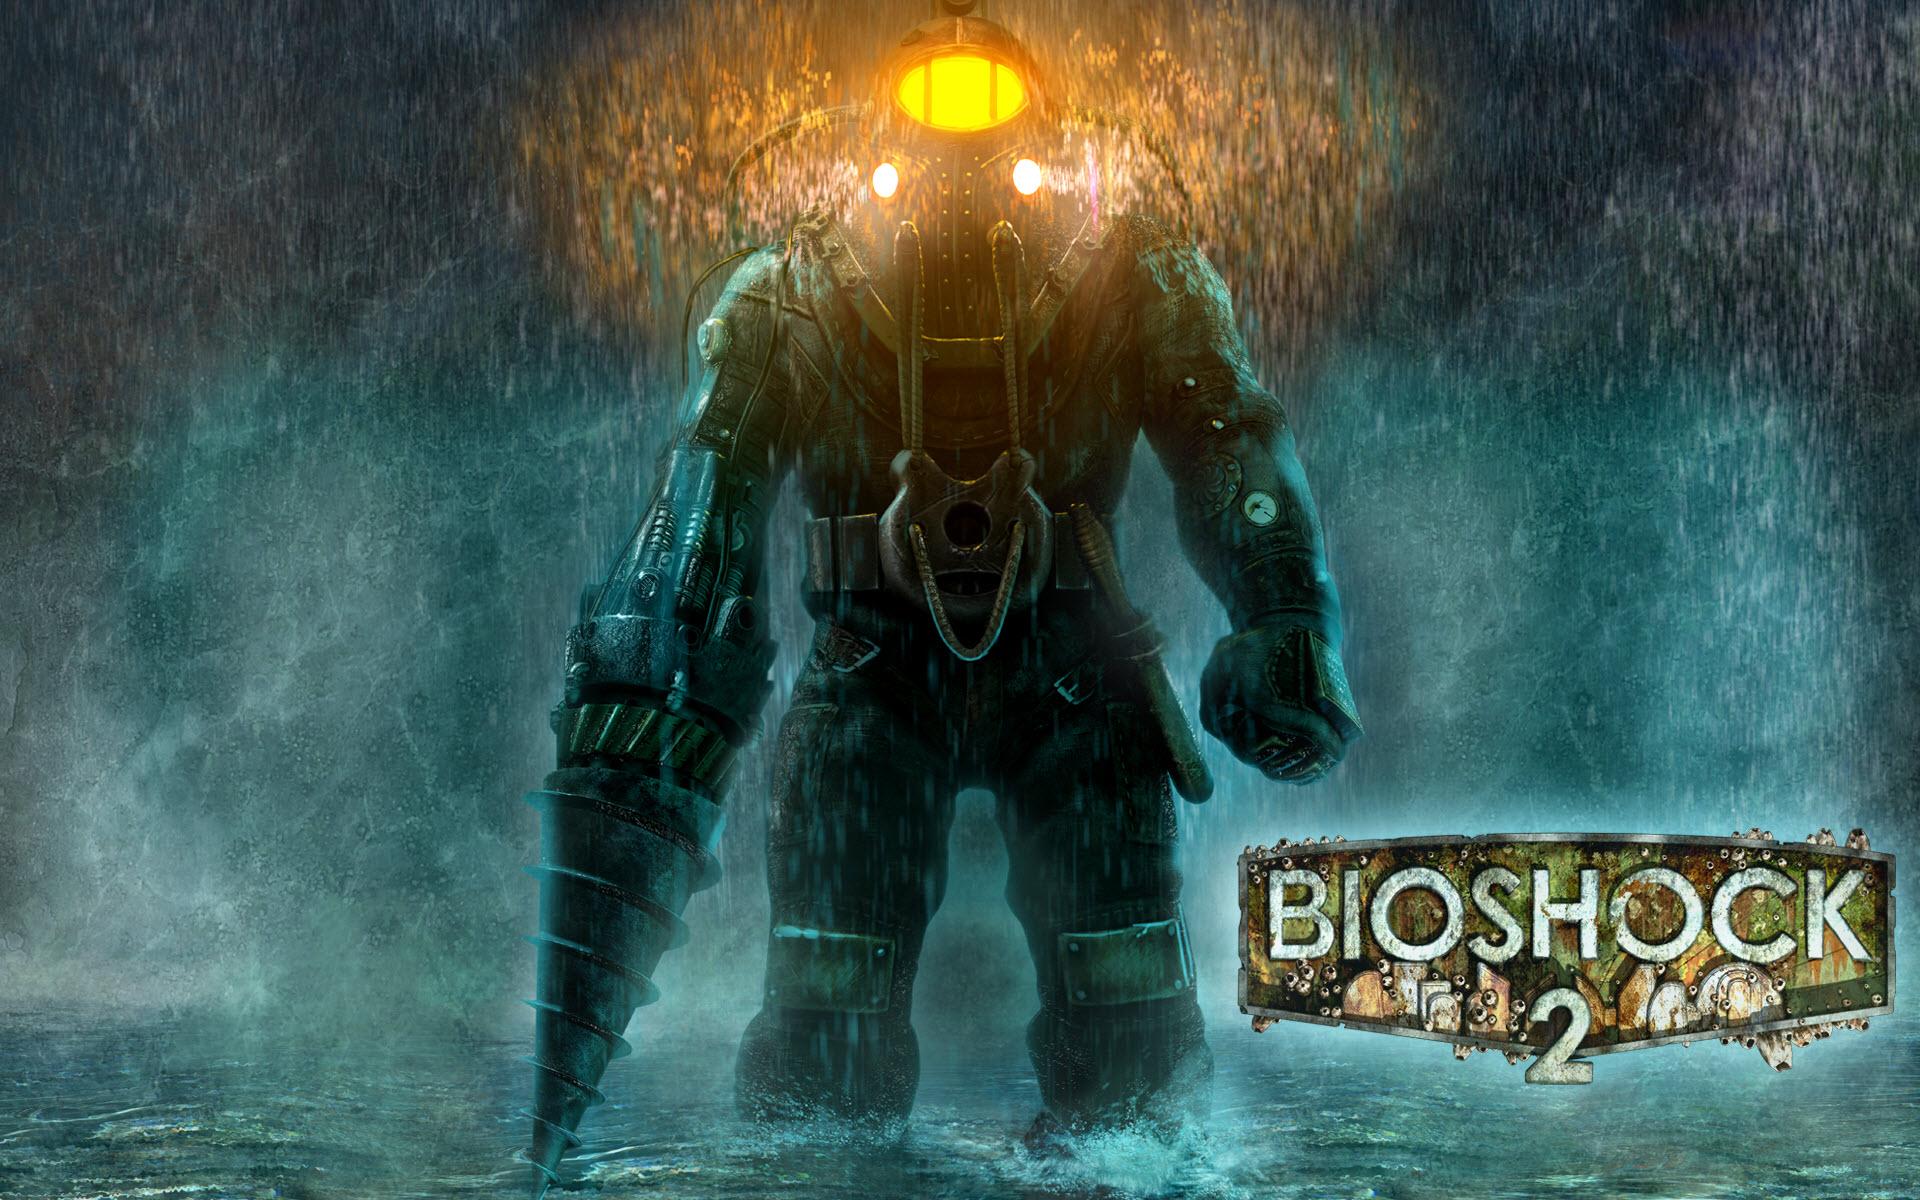 Bioshock wallpapers for desktop